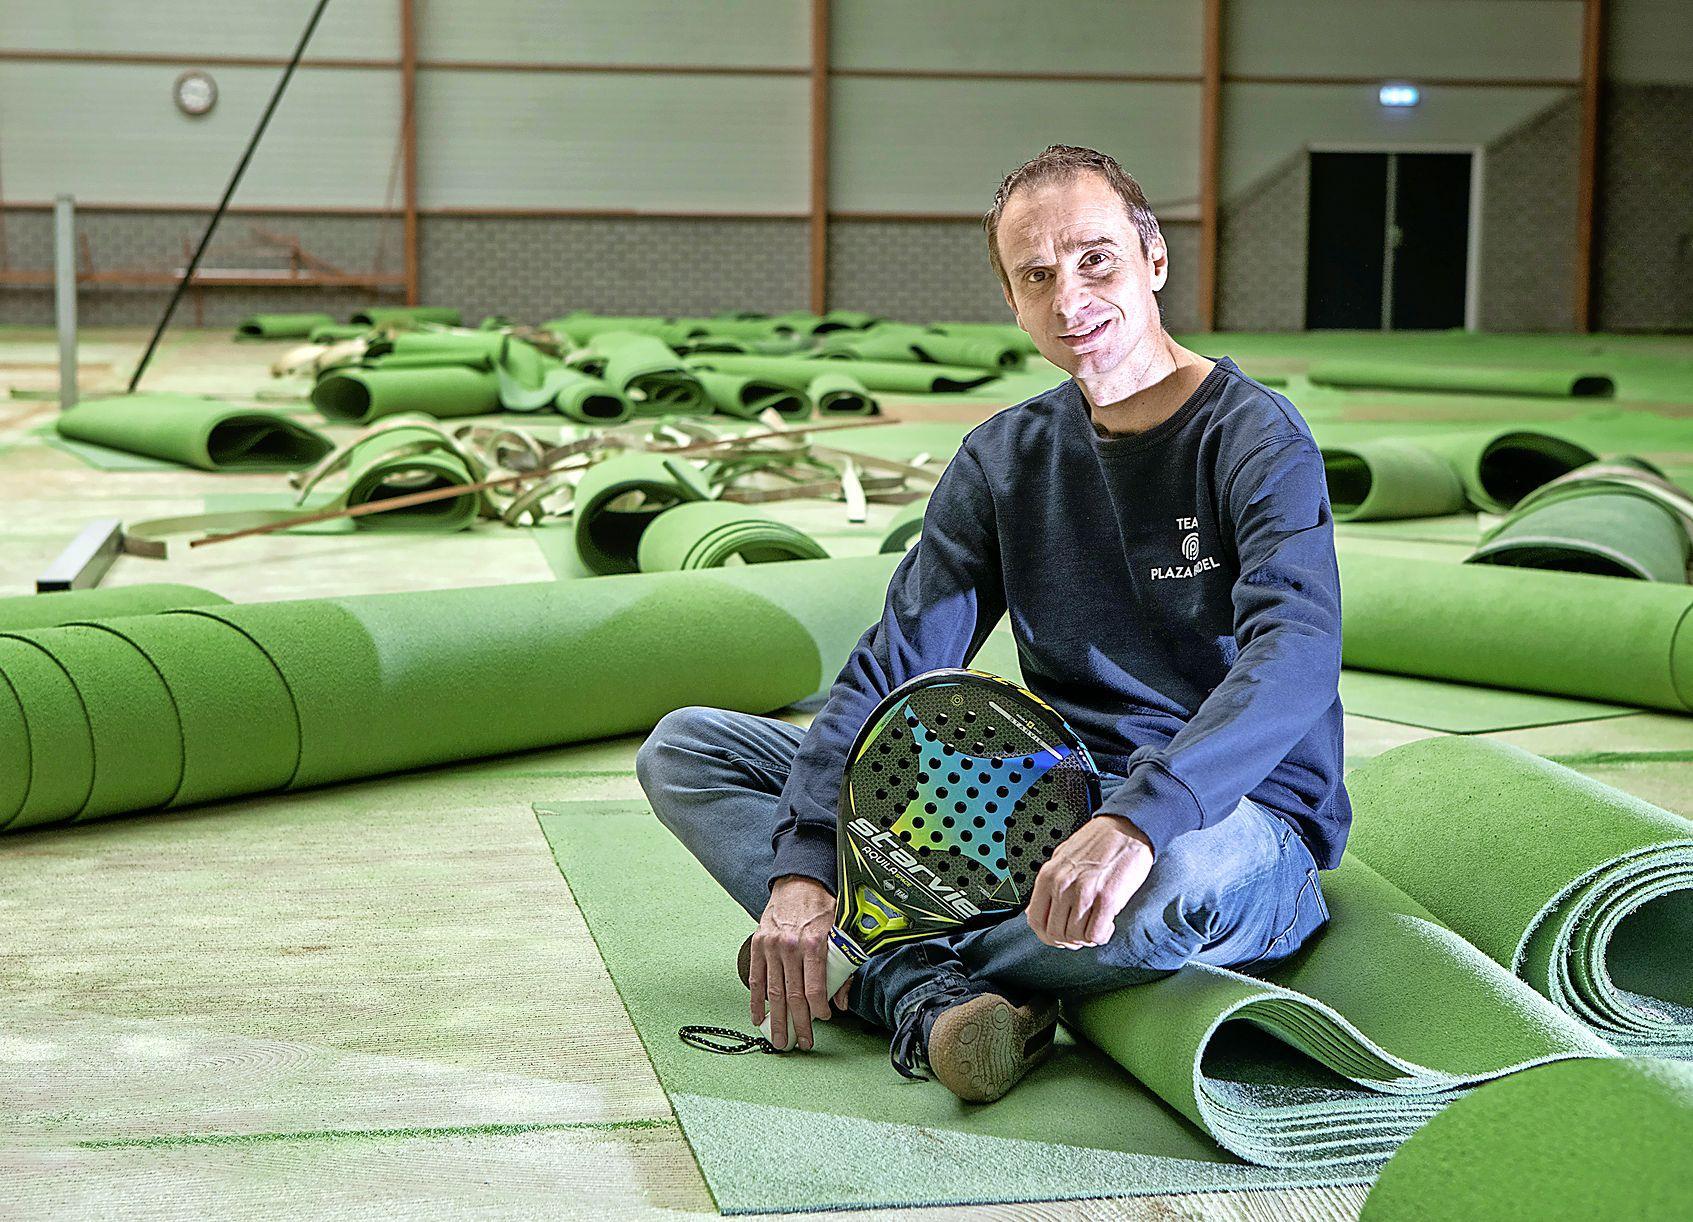 Racketsport rukt op: indoor tennishal De Dors wordt Plaza Padel Heiloo. Marco van Basten en Ronald de Boer zijn mede-eigenaars